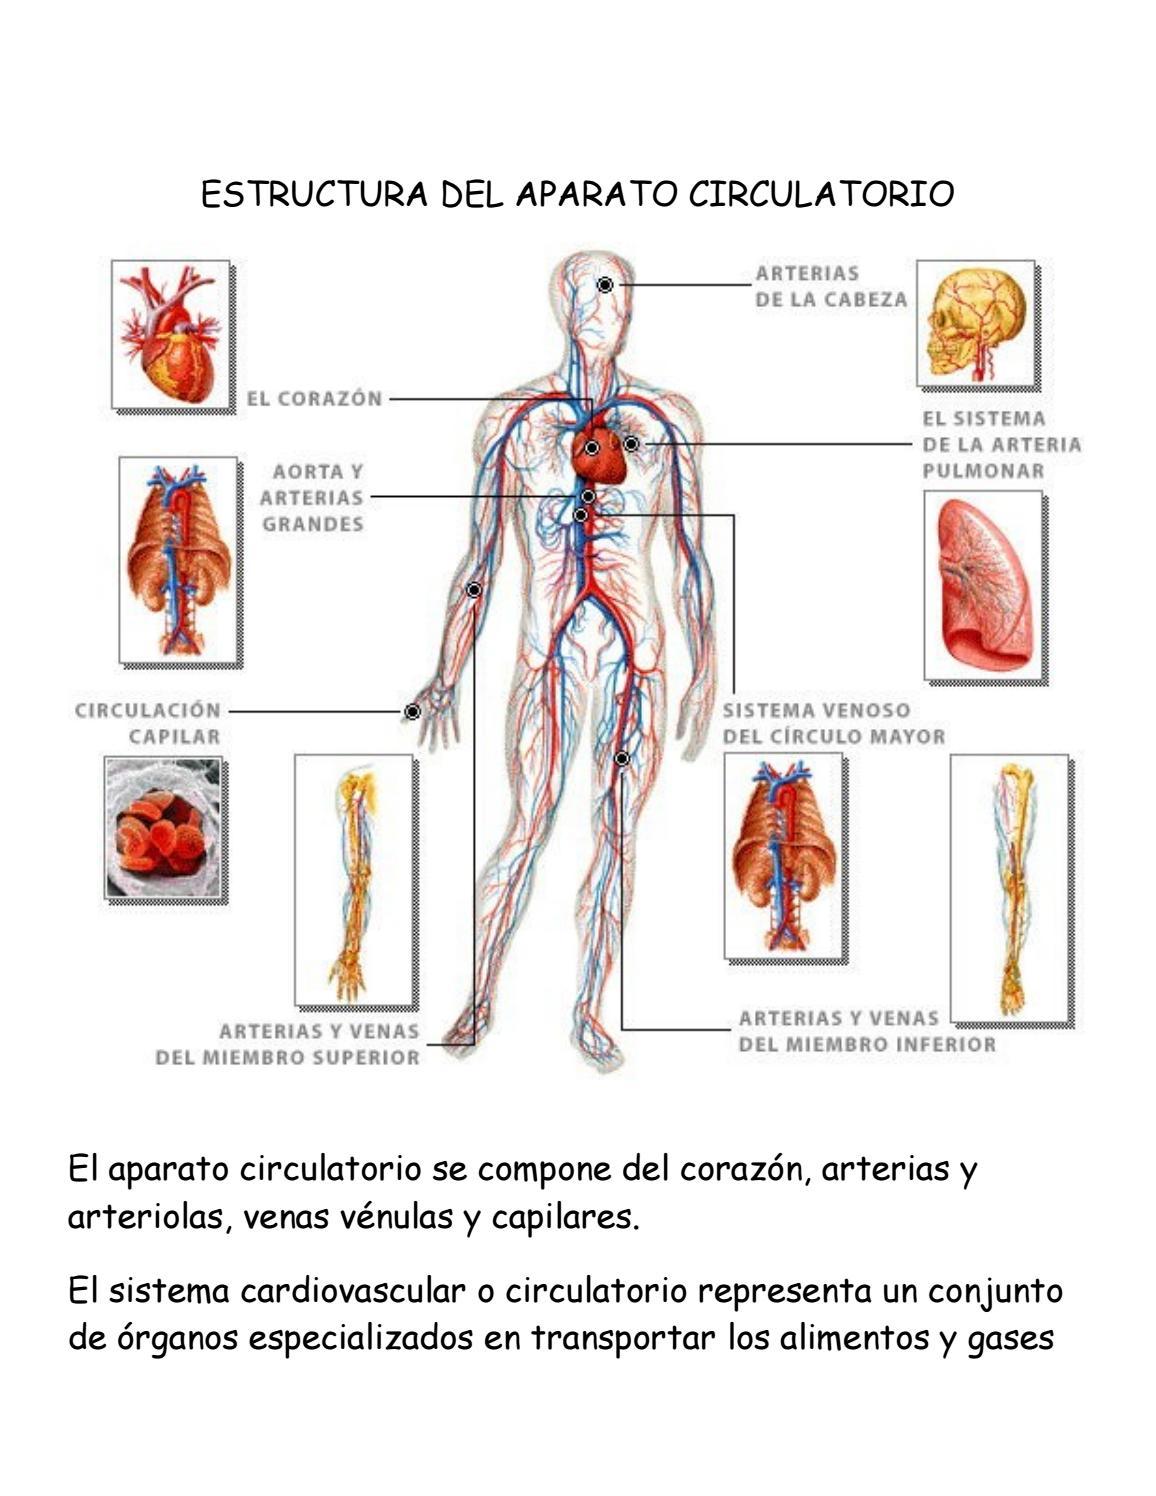 Dorable Hoja De Ruta Usmle Anatomía Componente - Anatomía de Las ...